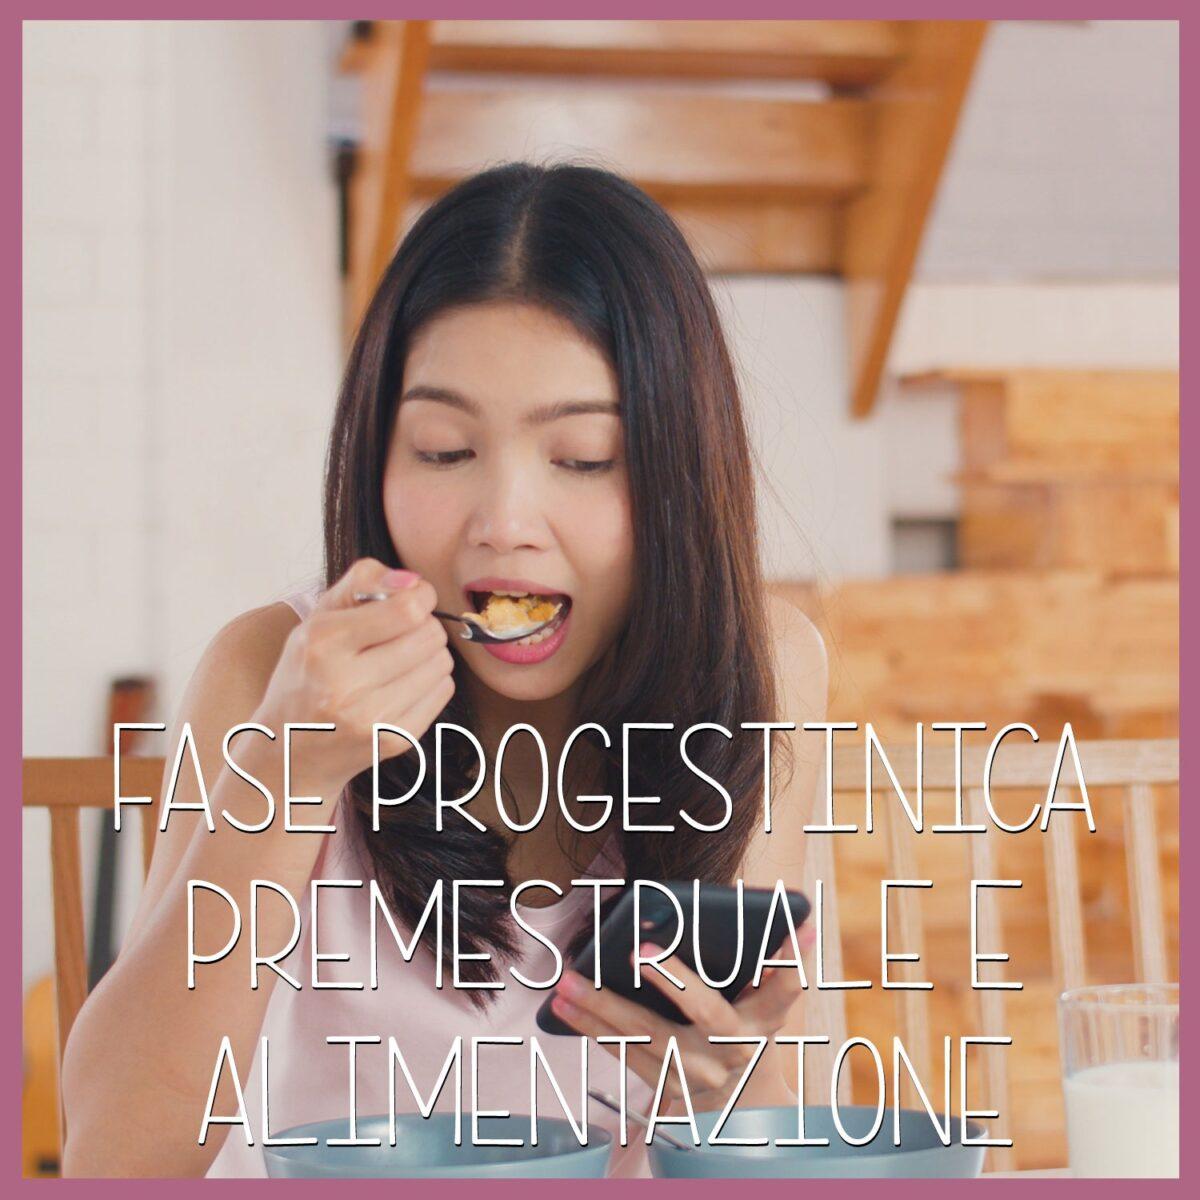 Fase-progestinica-premestruale-e-alimentazione-1200x1200.jpeg